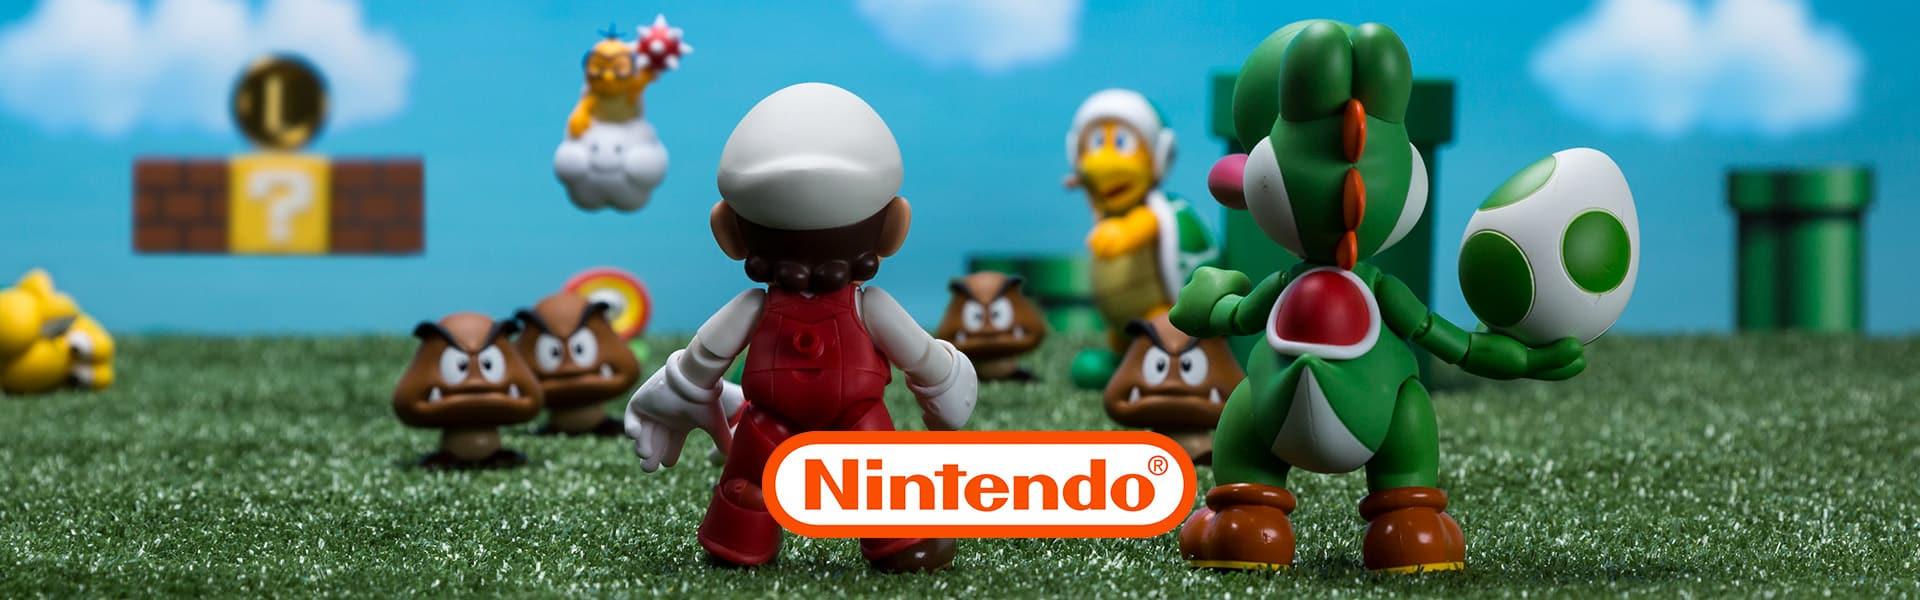 N staat voor NintendoReporters